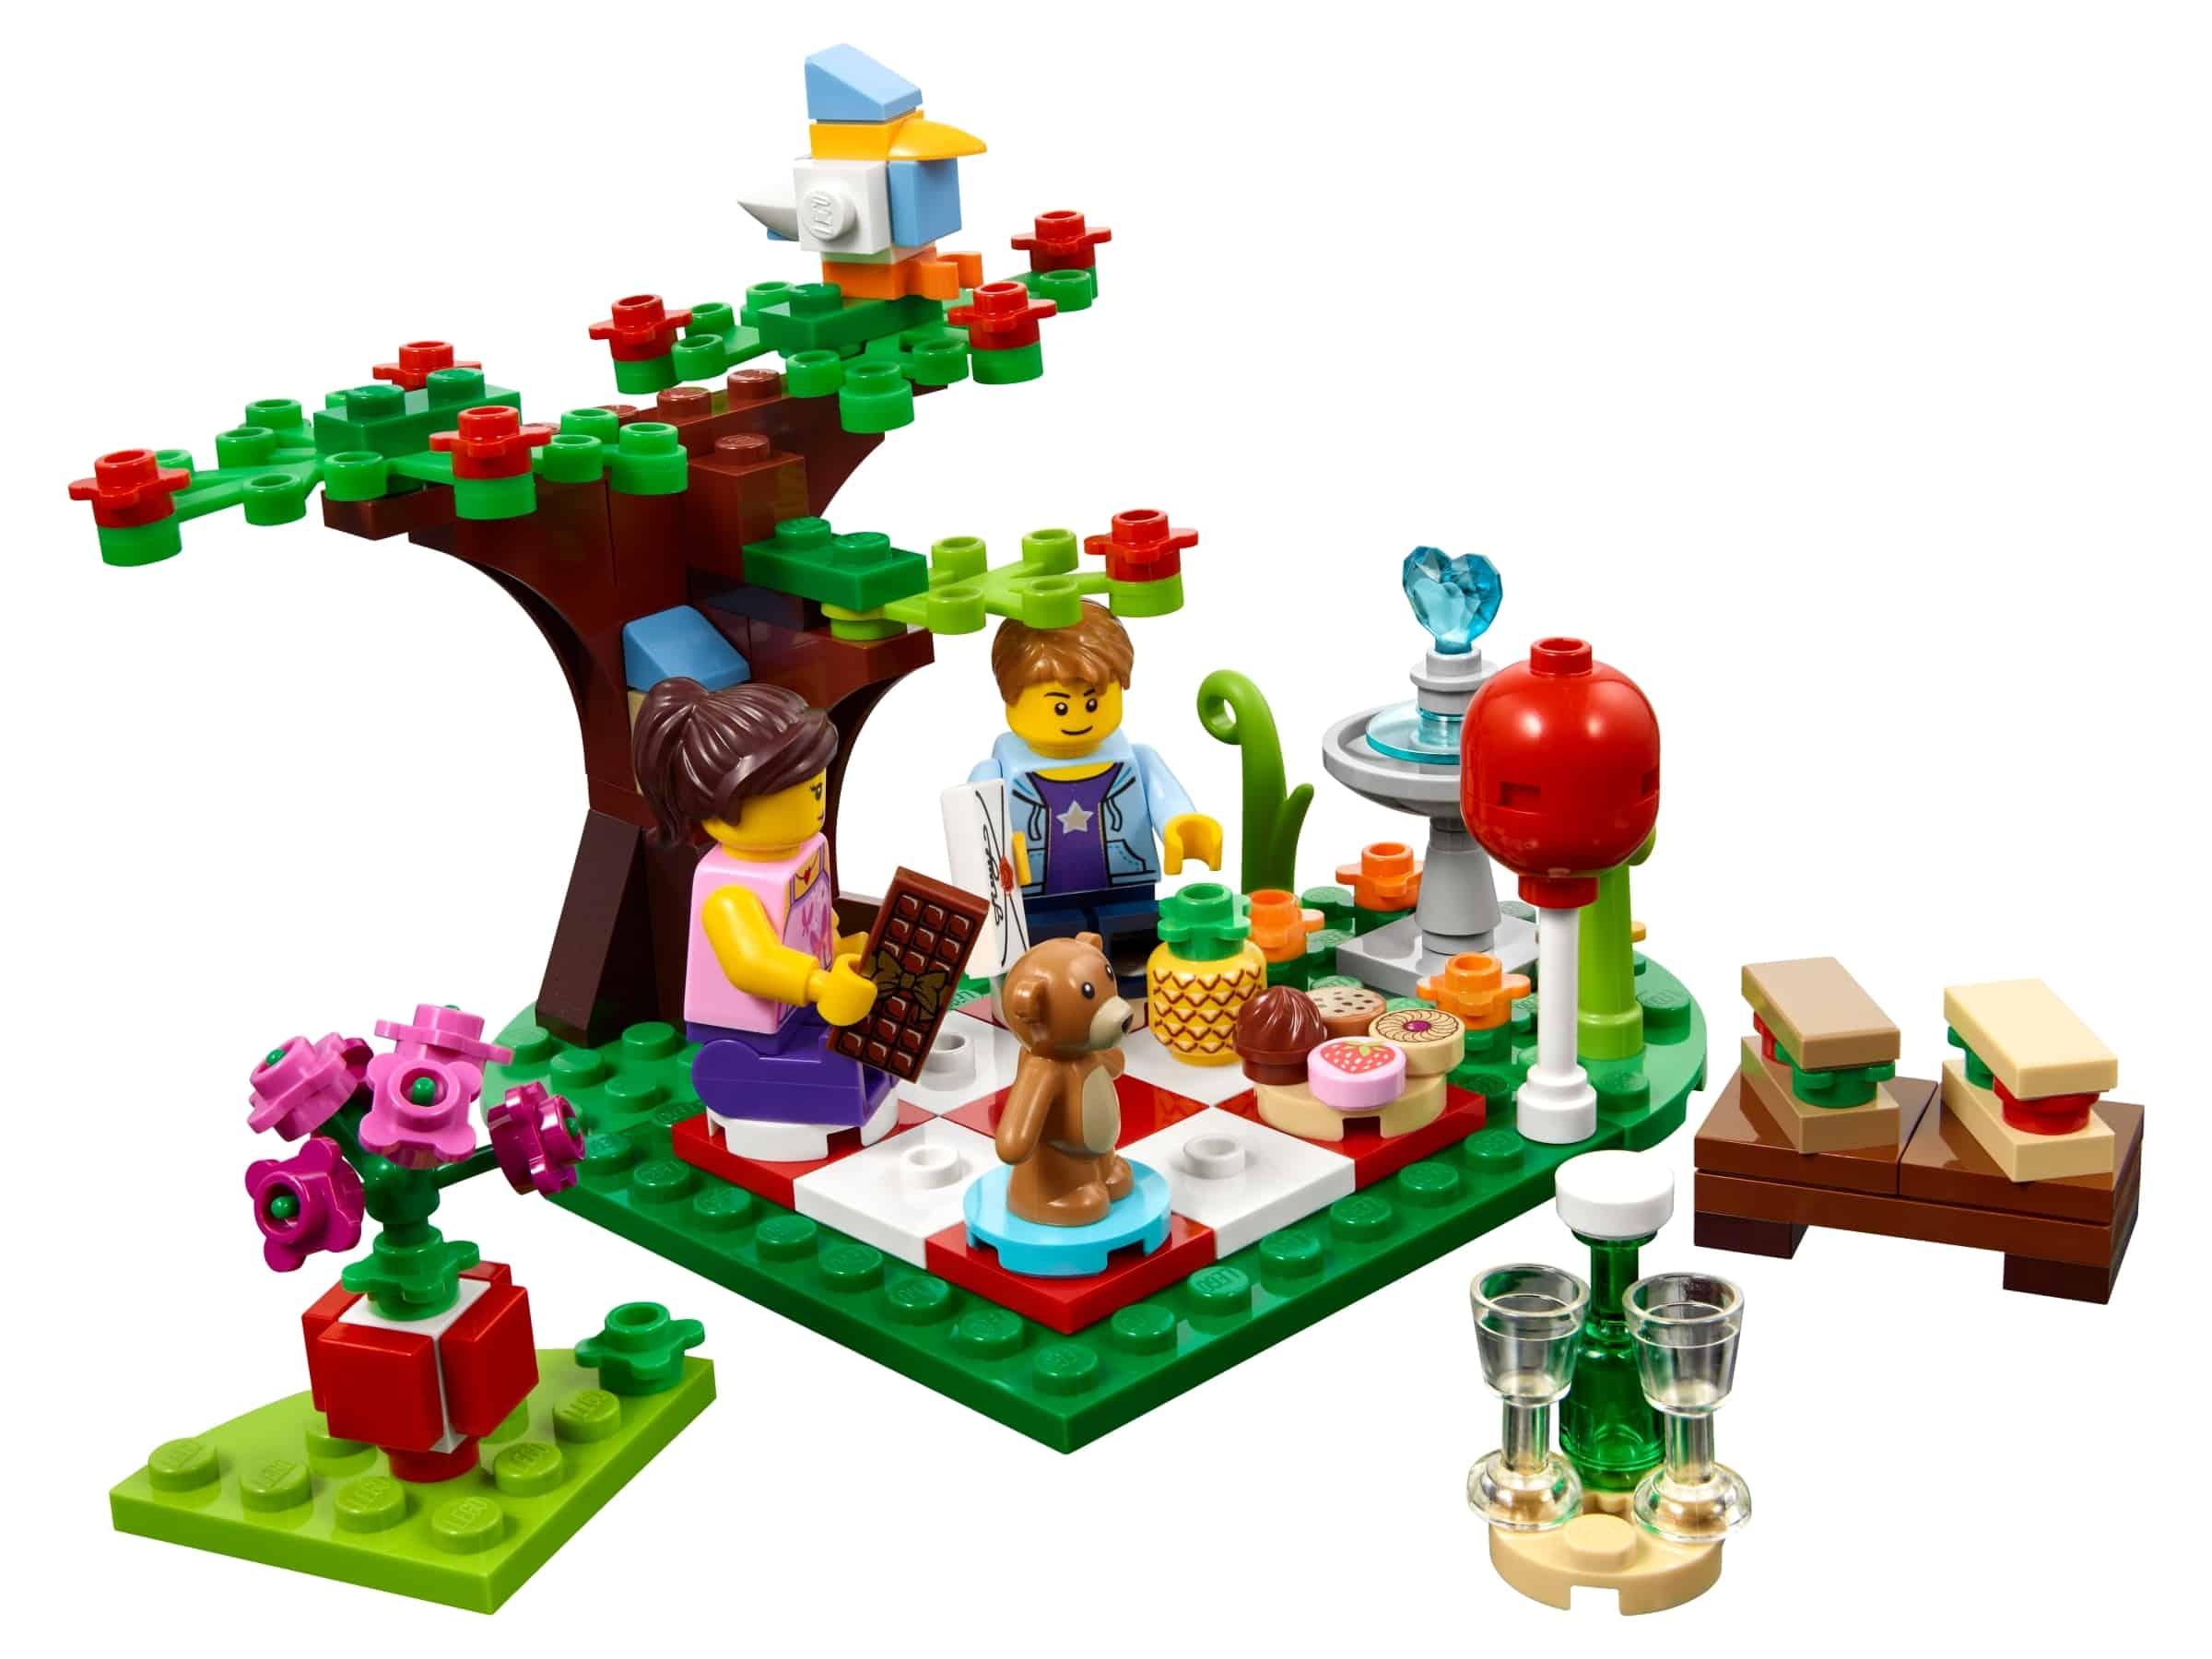 lego romantische valentijnsdag picknick 40236